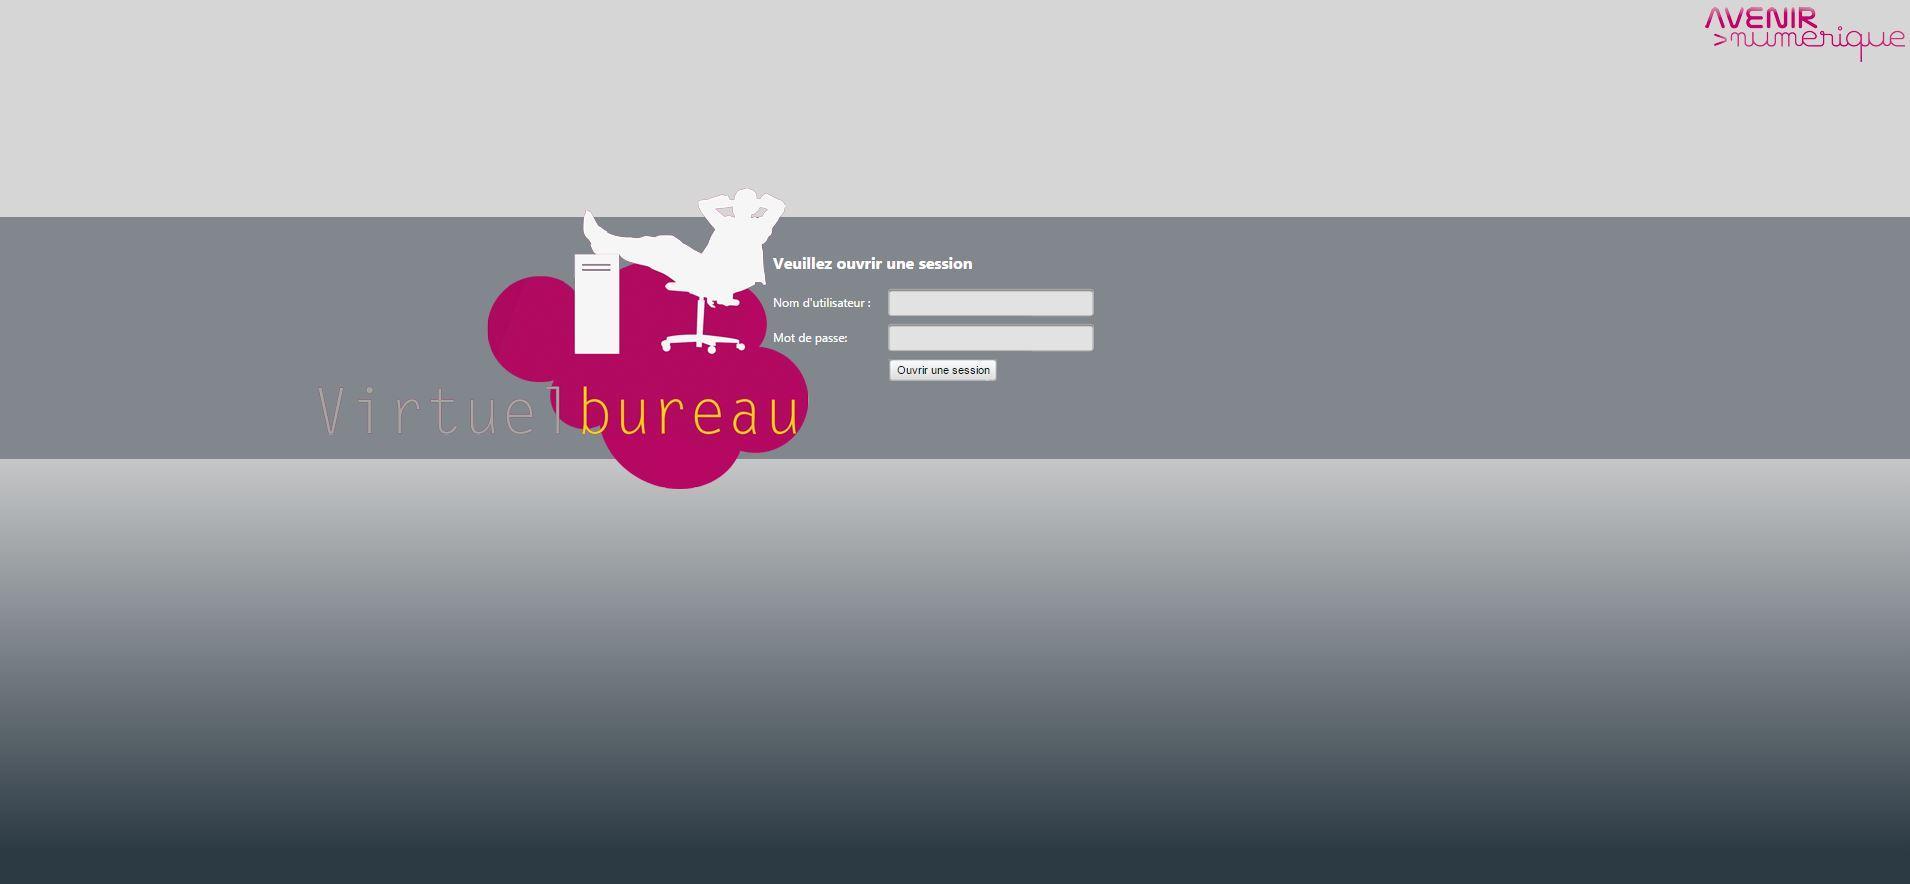 Virtuel Bureau: Système d'exploitation virtuel, Sauvegarde quotidienne, Base de savoir (tutoriels, démos)